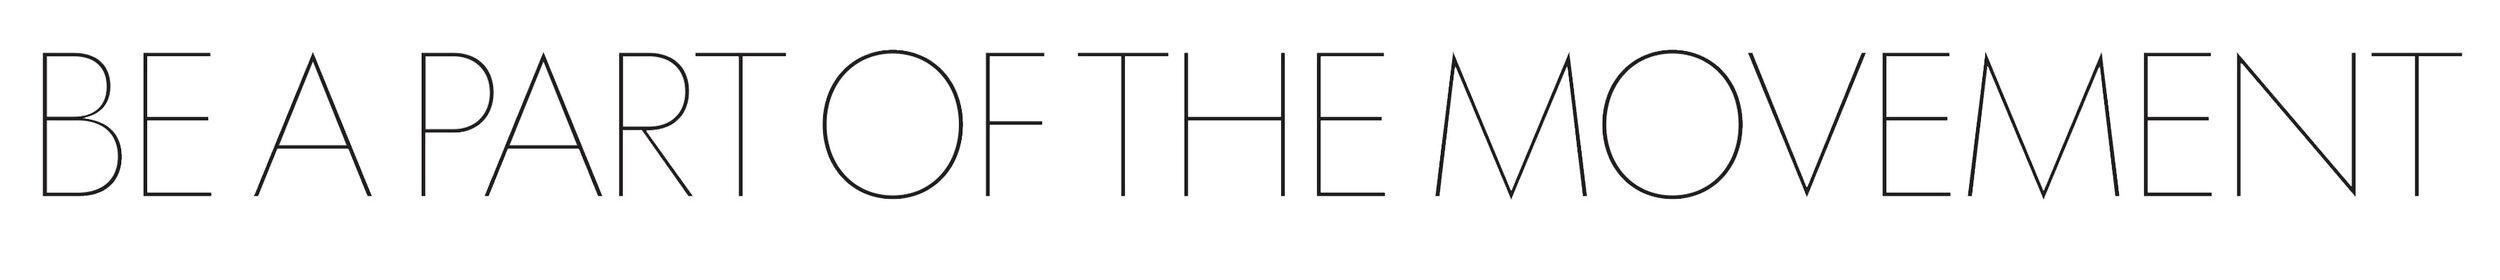 movement-Sponsorheader.jpg